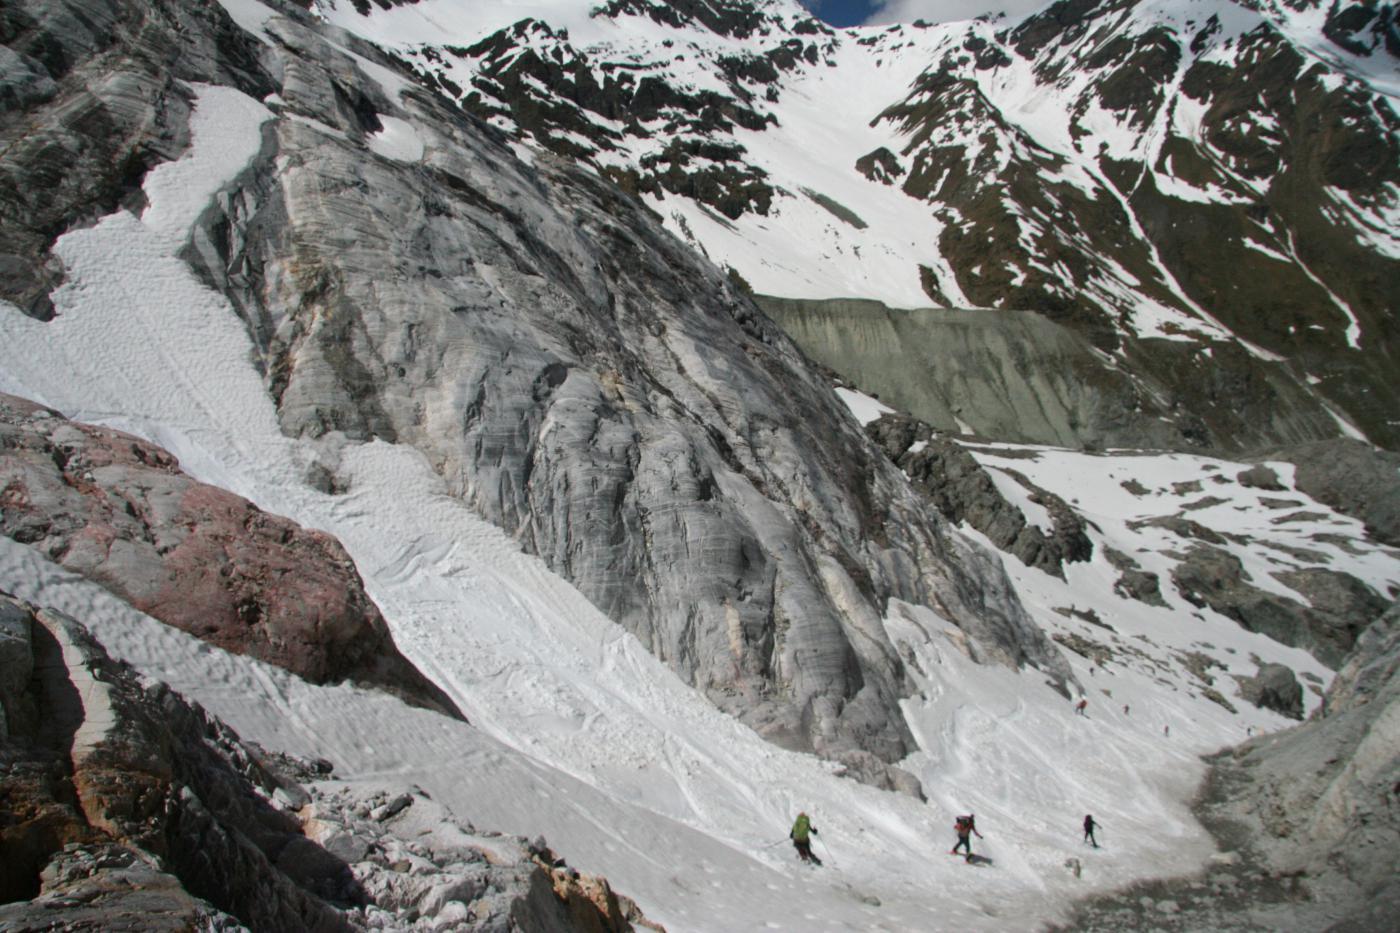 il canale finale, sotto il ghiacciaio...discesa quasi finita